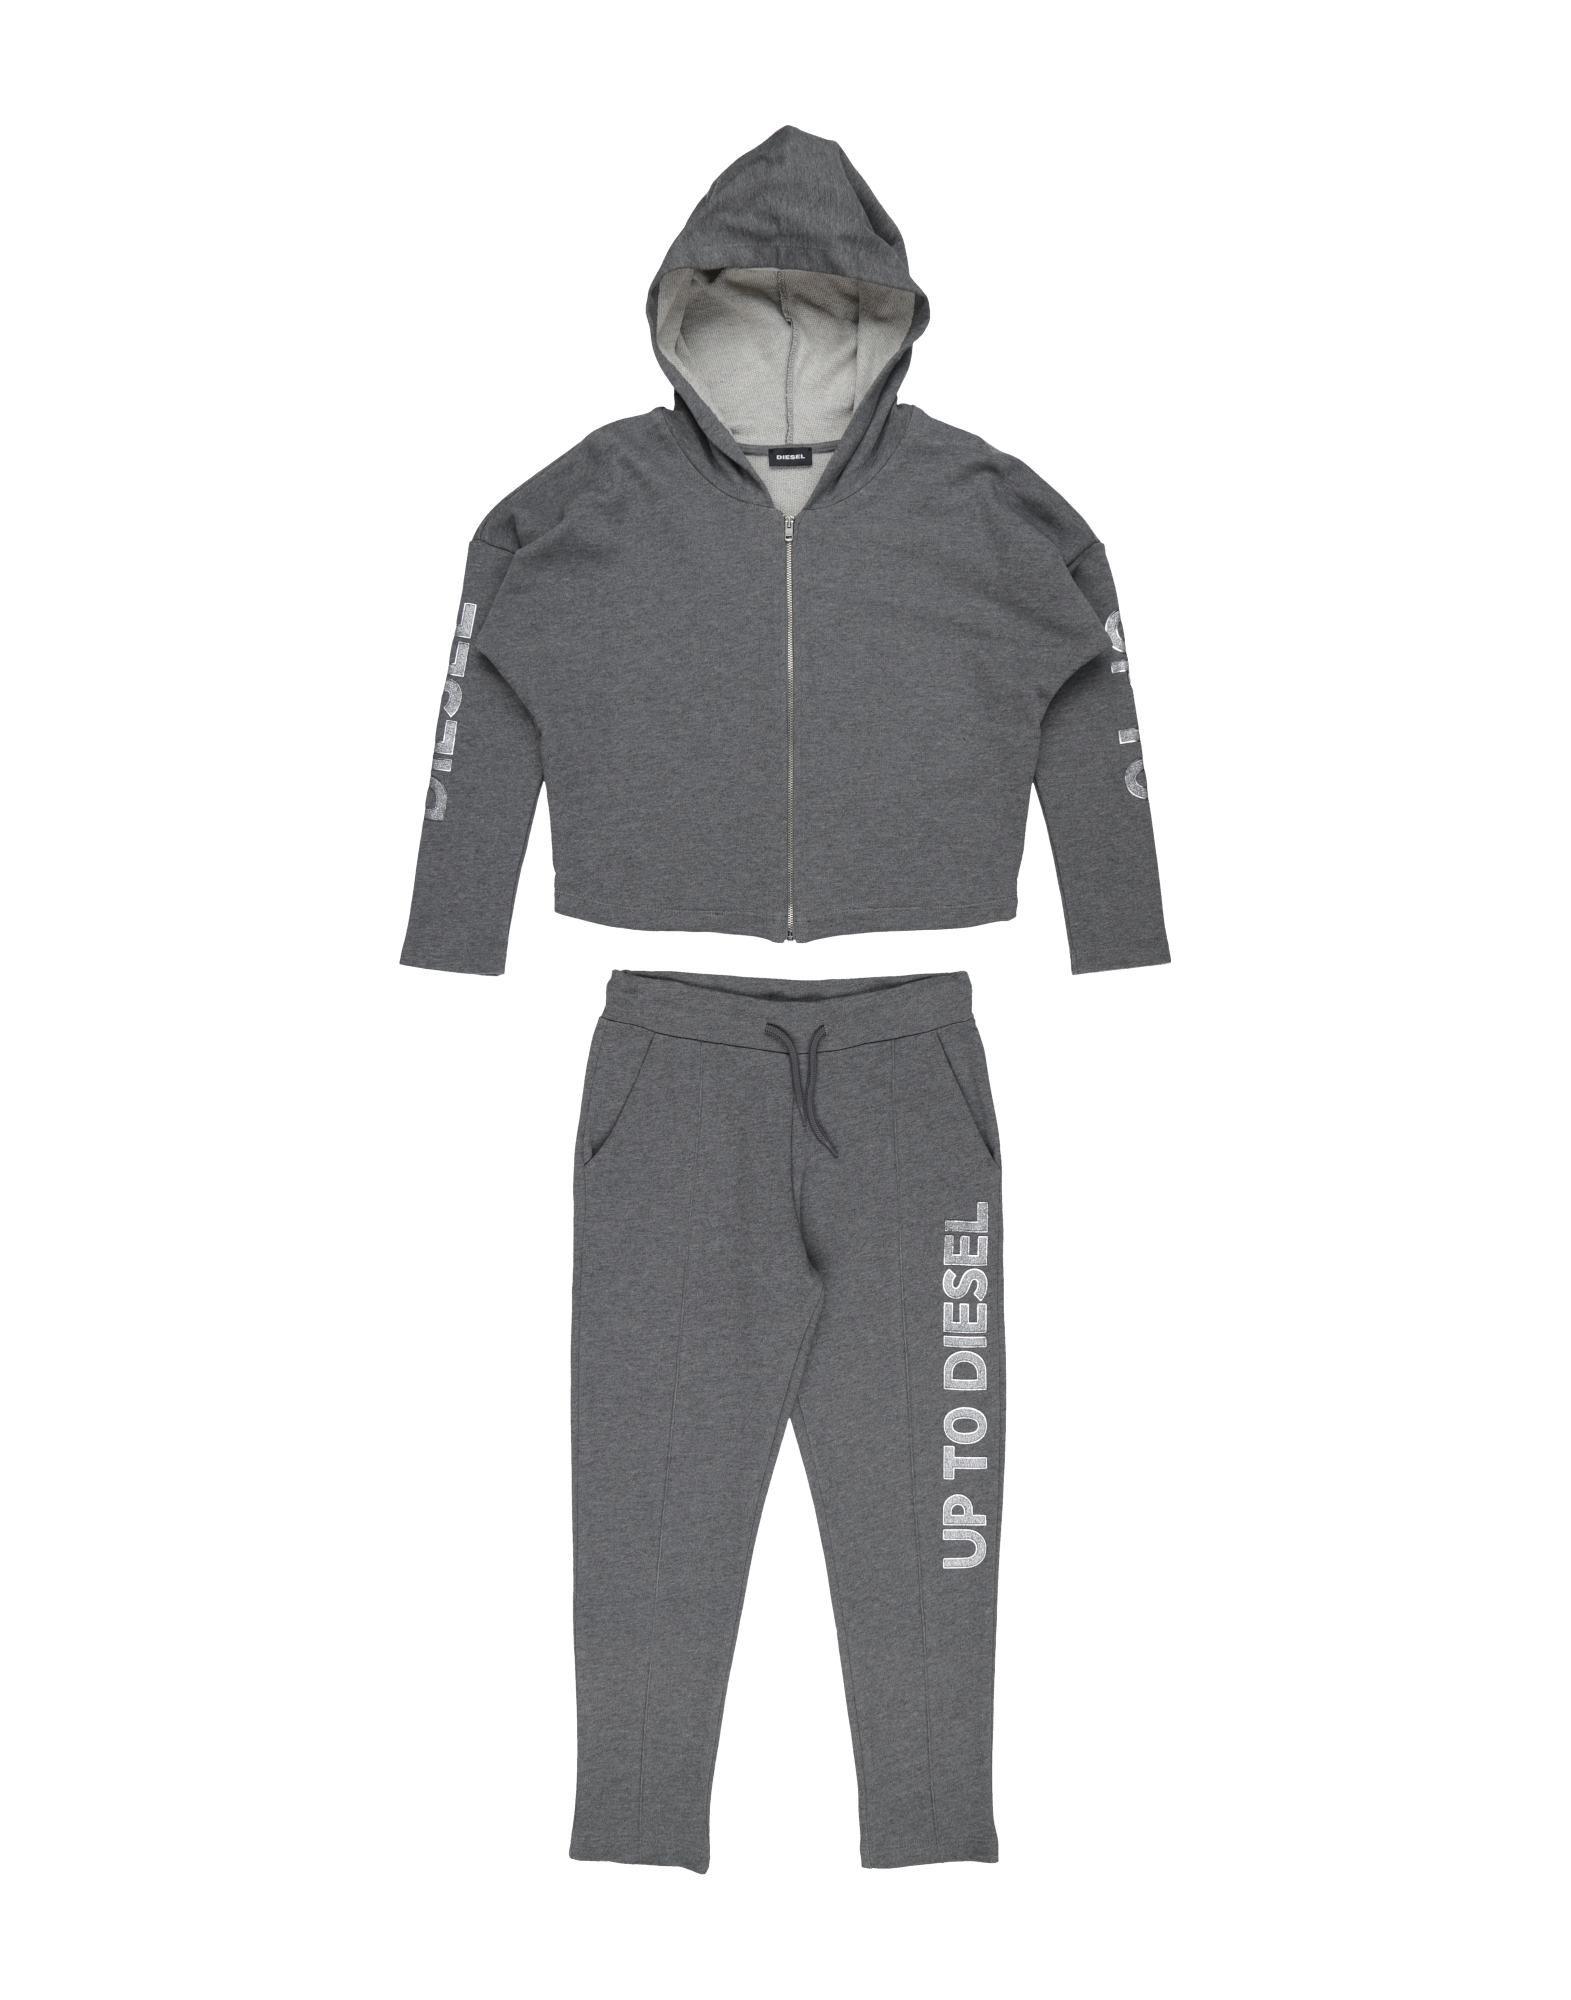 Фото - DIESEL Спортивный костюм спортивный костюм xtep 2015 r1